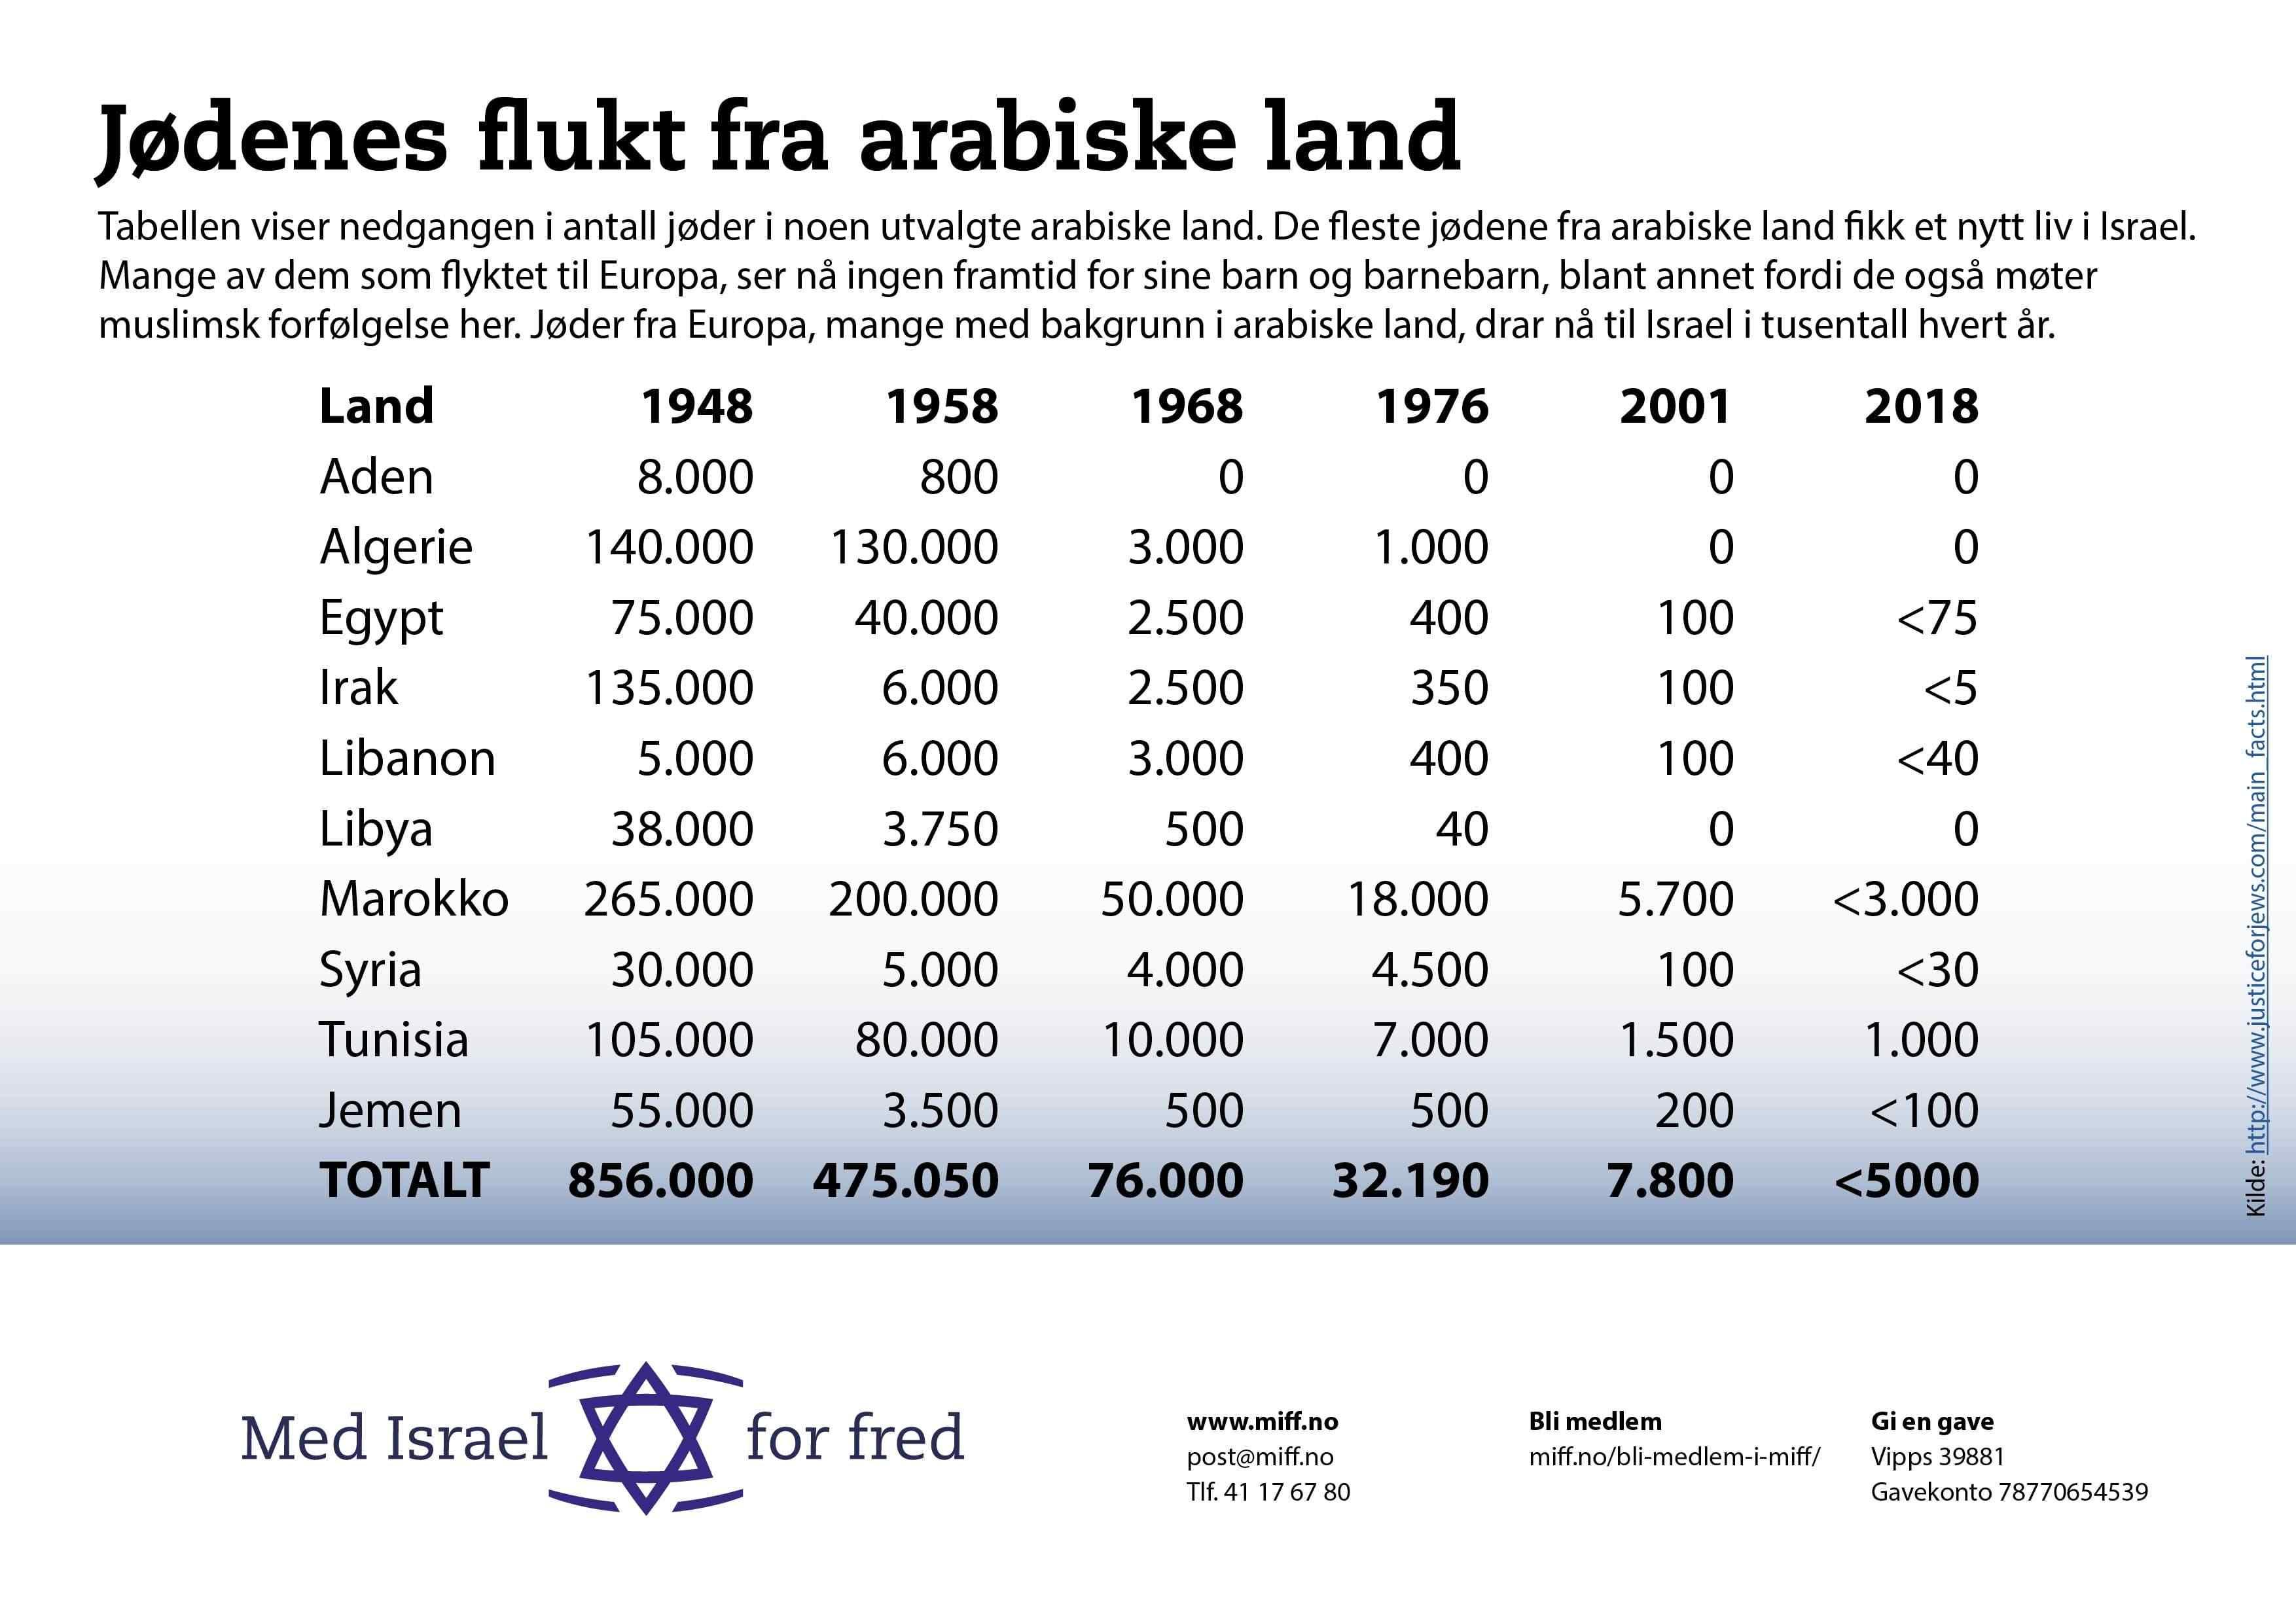 Jødenes erfaringer i arabiske land gir dem ikke noe motivasjon til å komme tilbake under arabisk dominans.